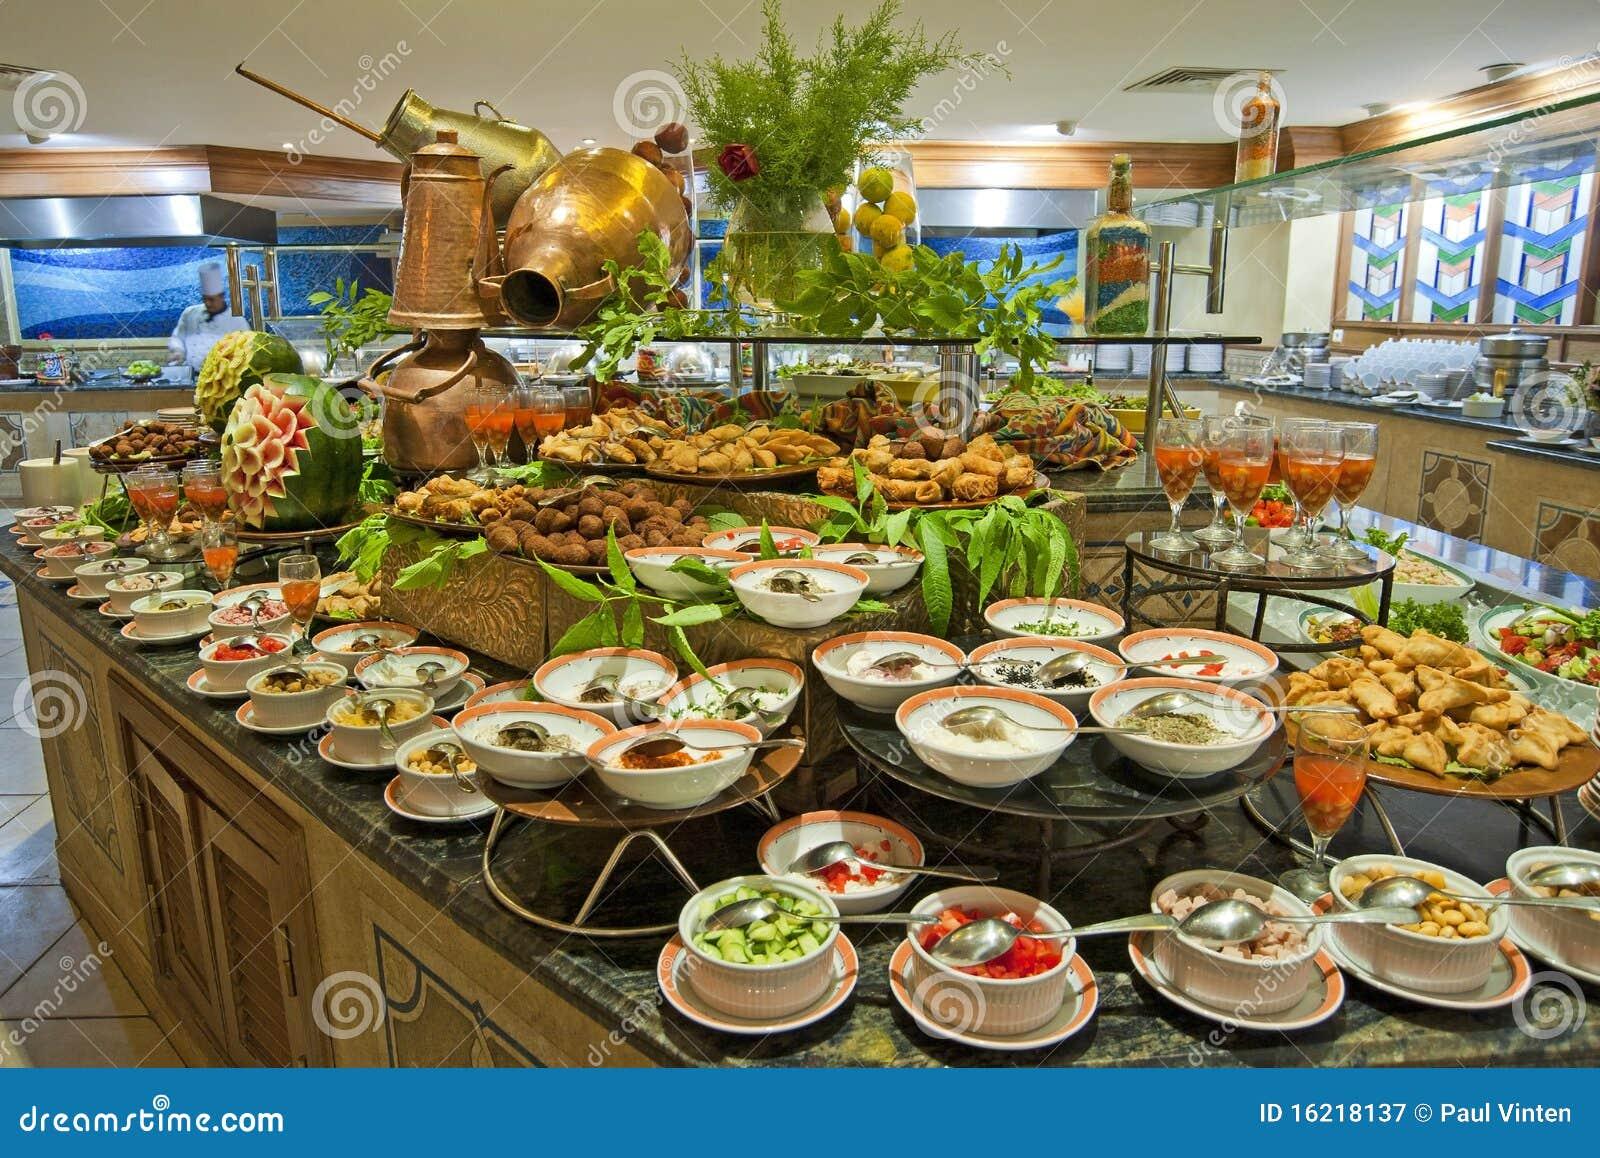 Eden Seafood Restaurant